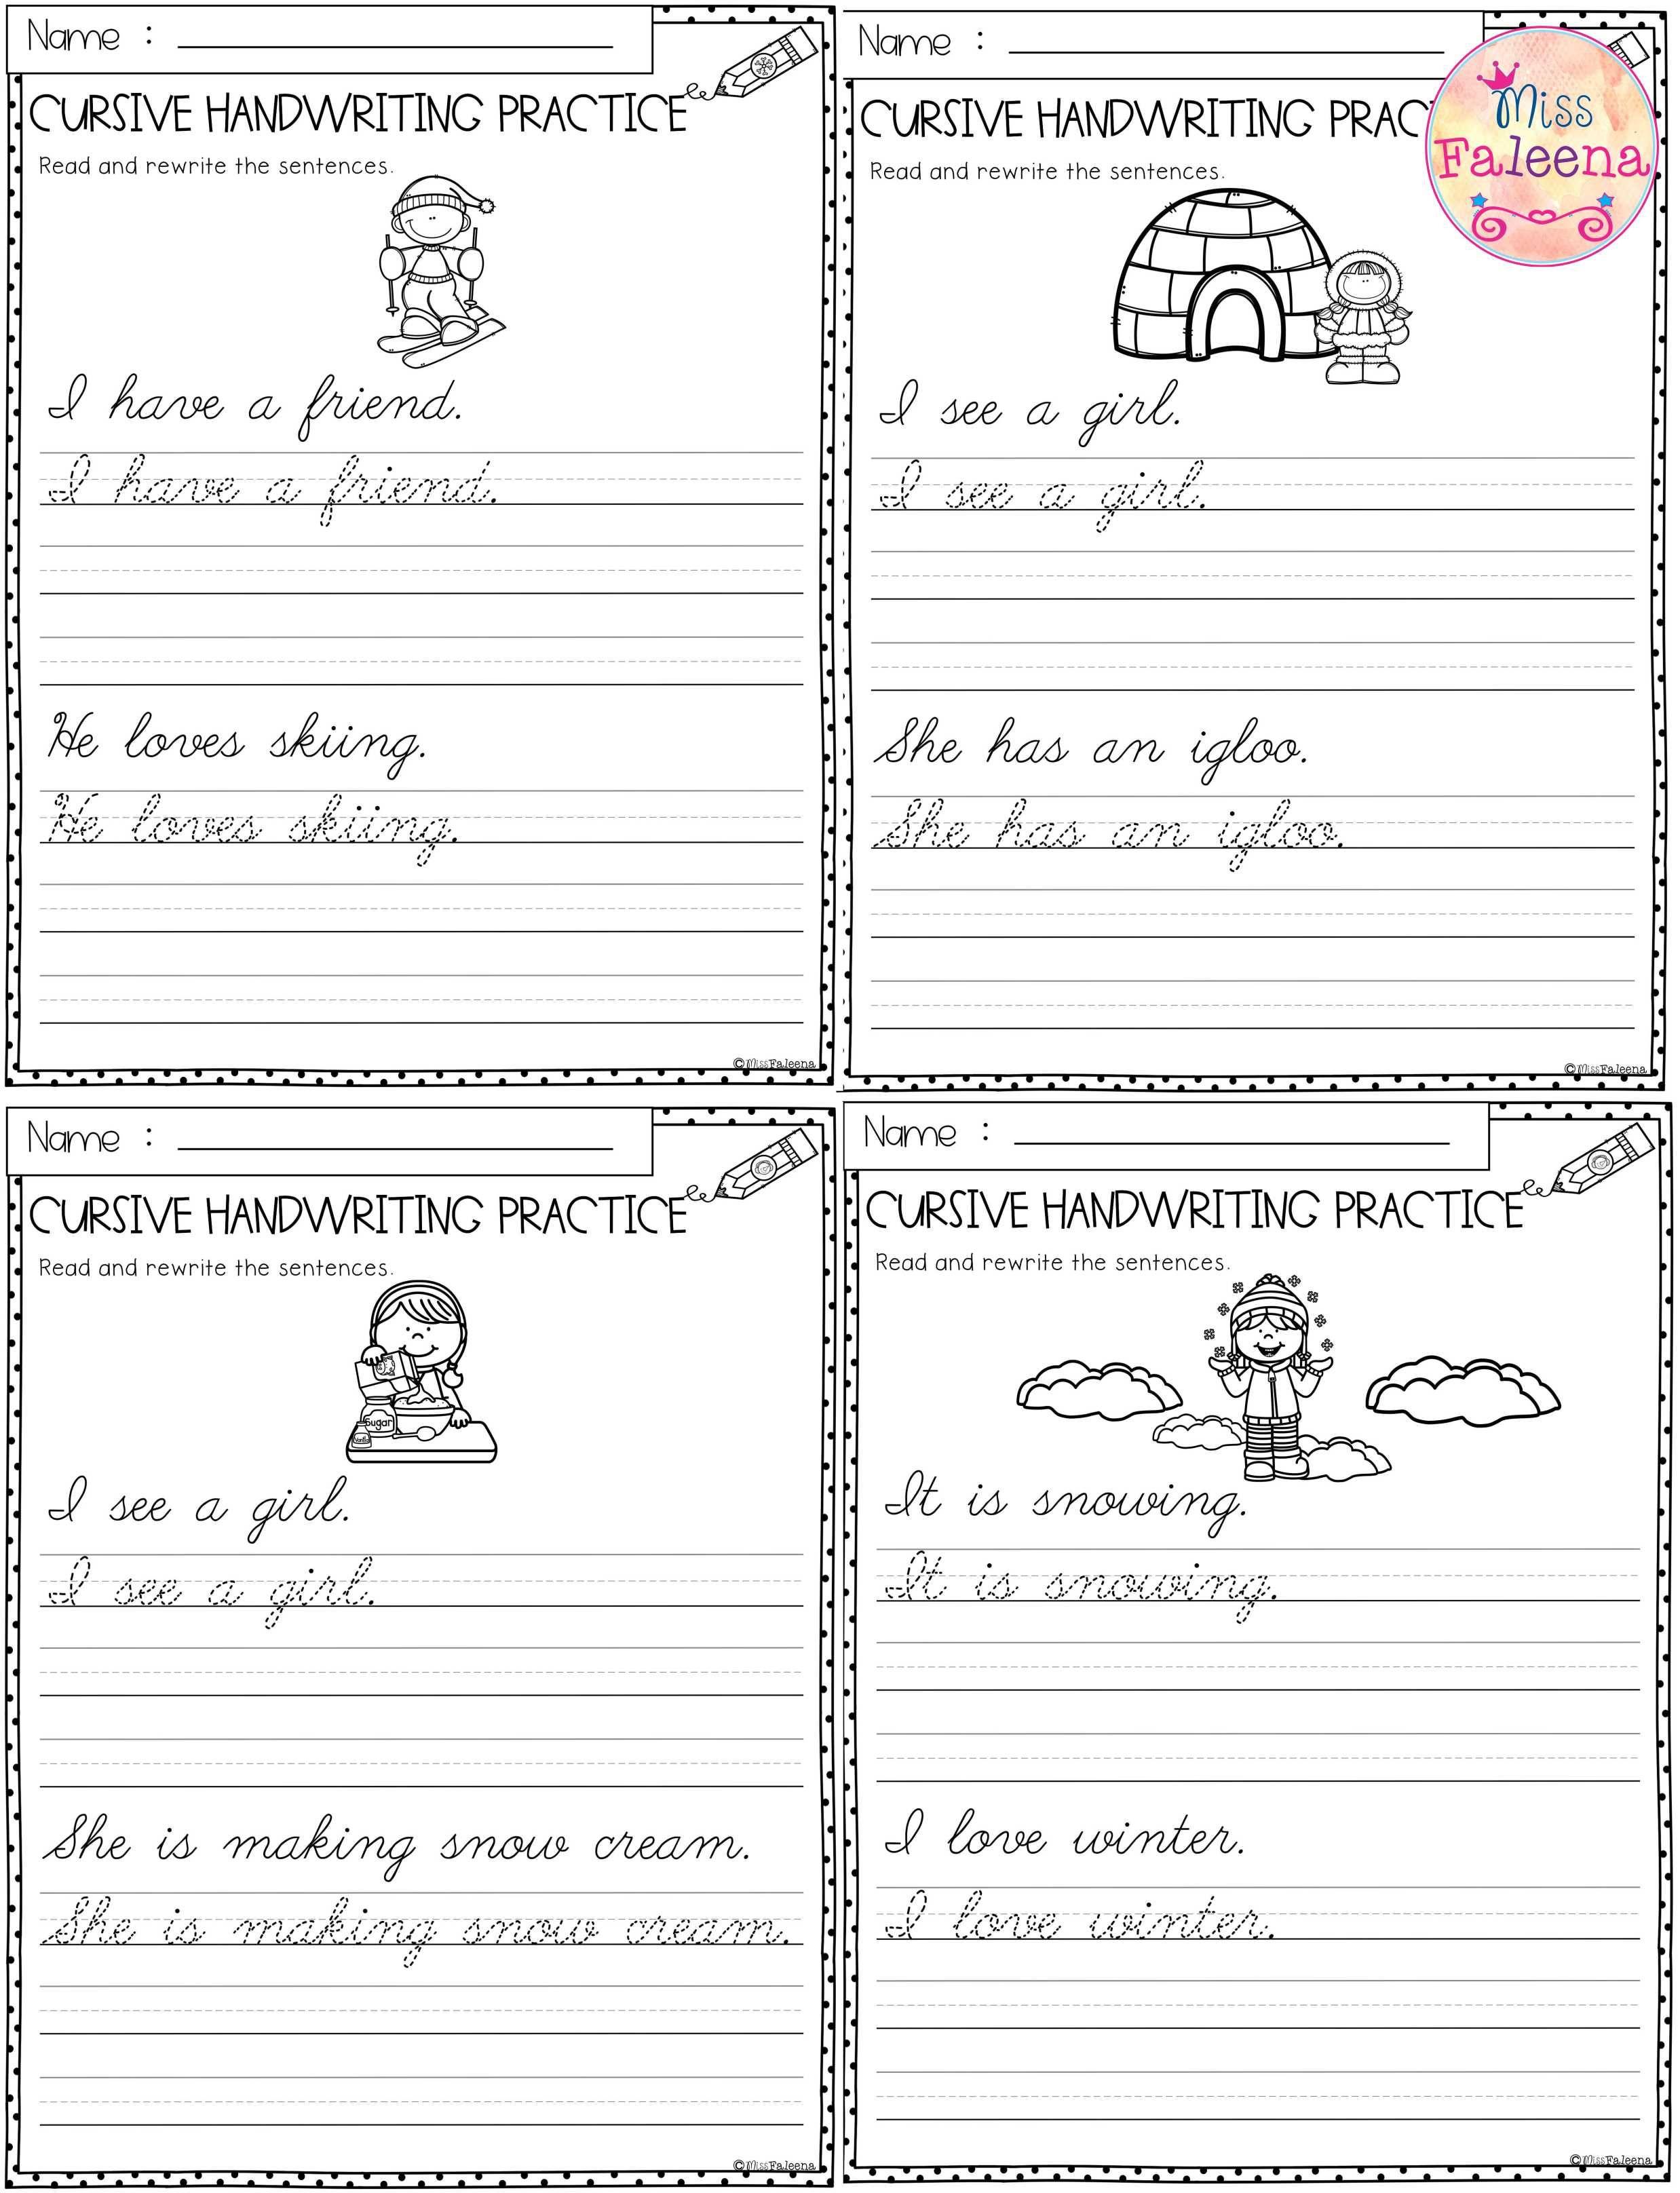 Winter Cursive Handwriting Practice This Product Has 20 Pages Of Handwriting Cursive Handwriting Practice Handwriting Practice Christmas Handwriting Practice [ 3232 x 2476 Pixel ]